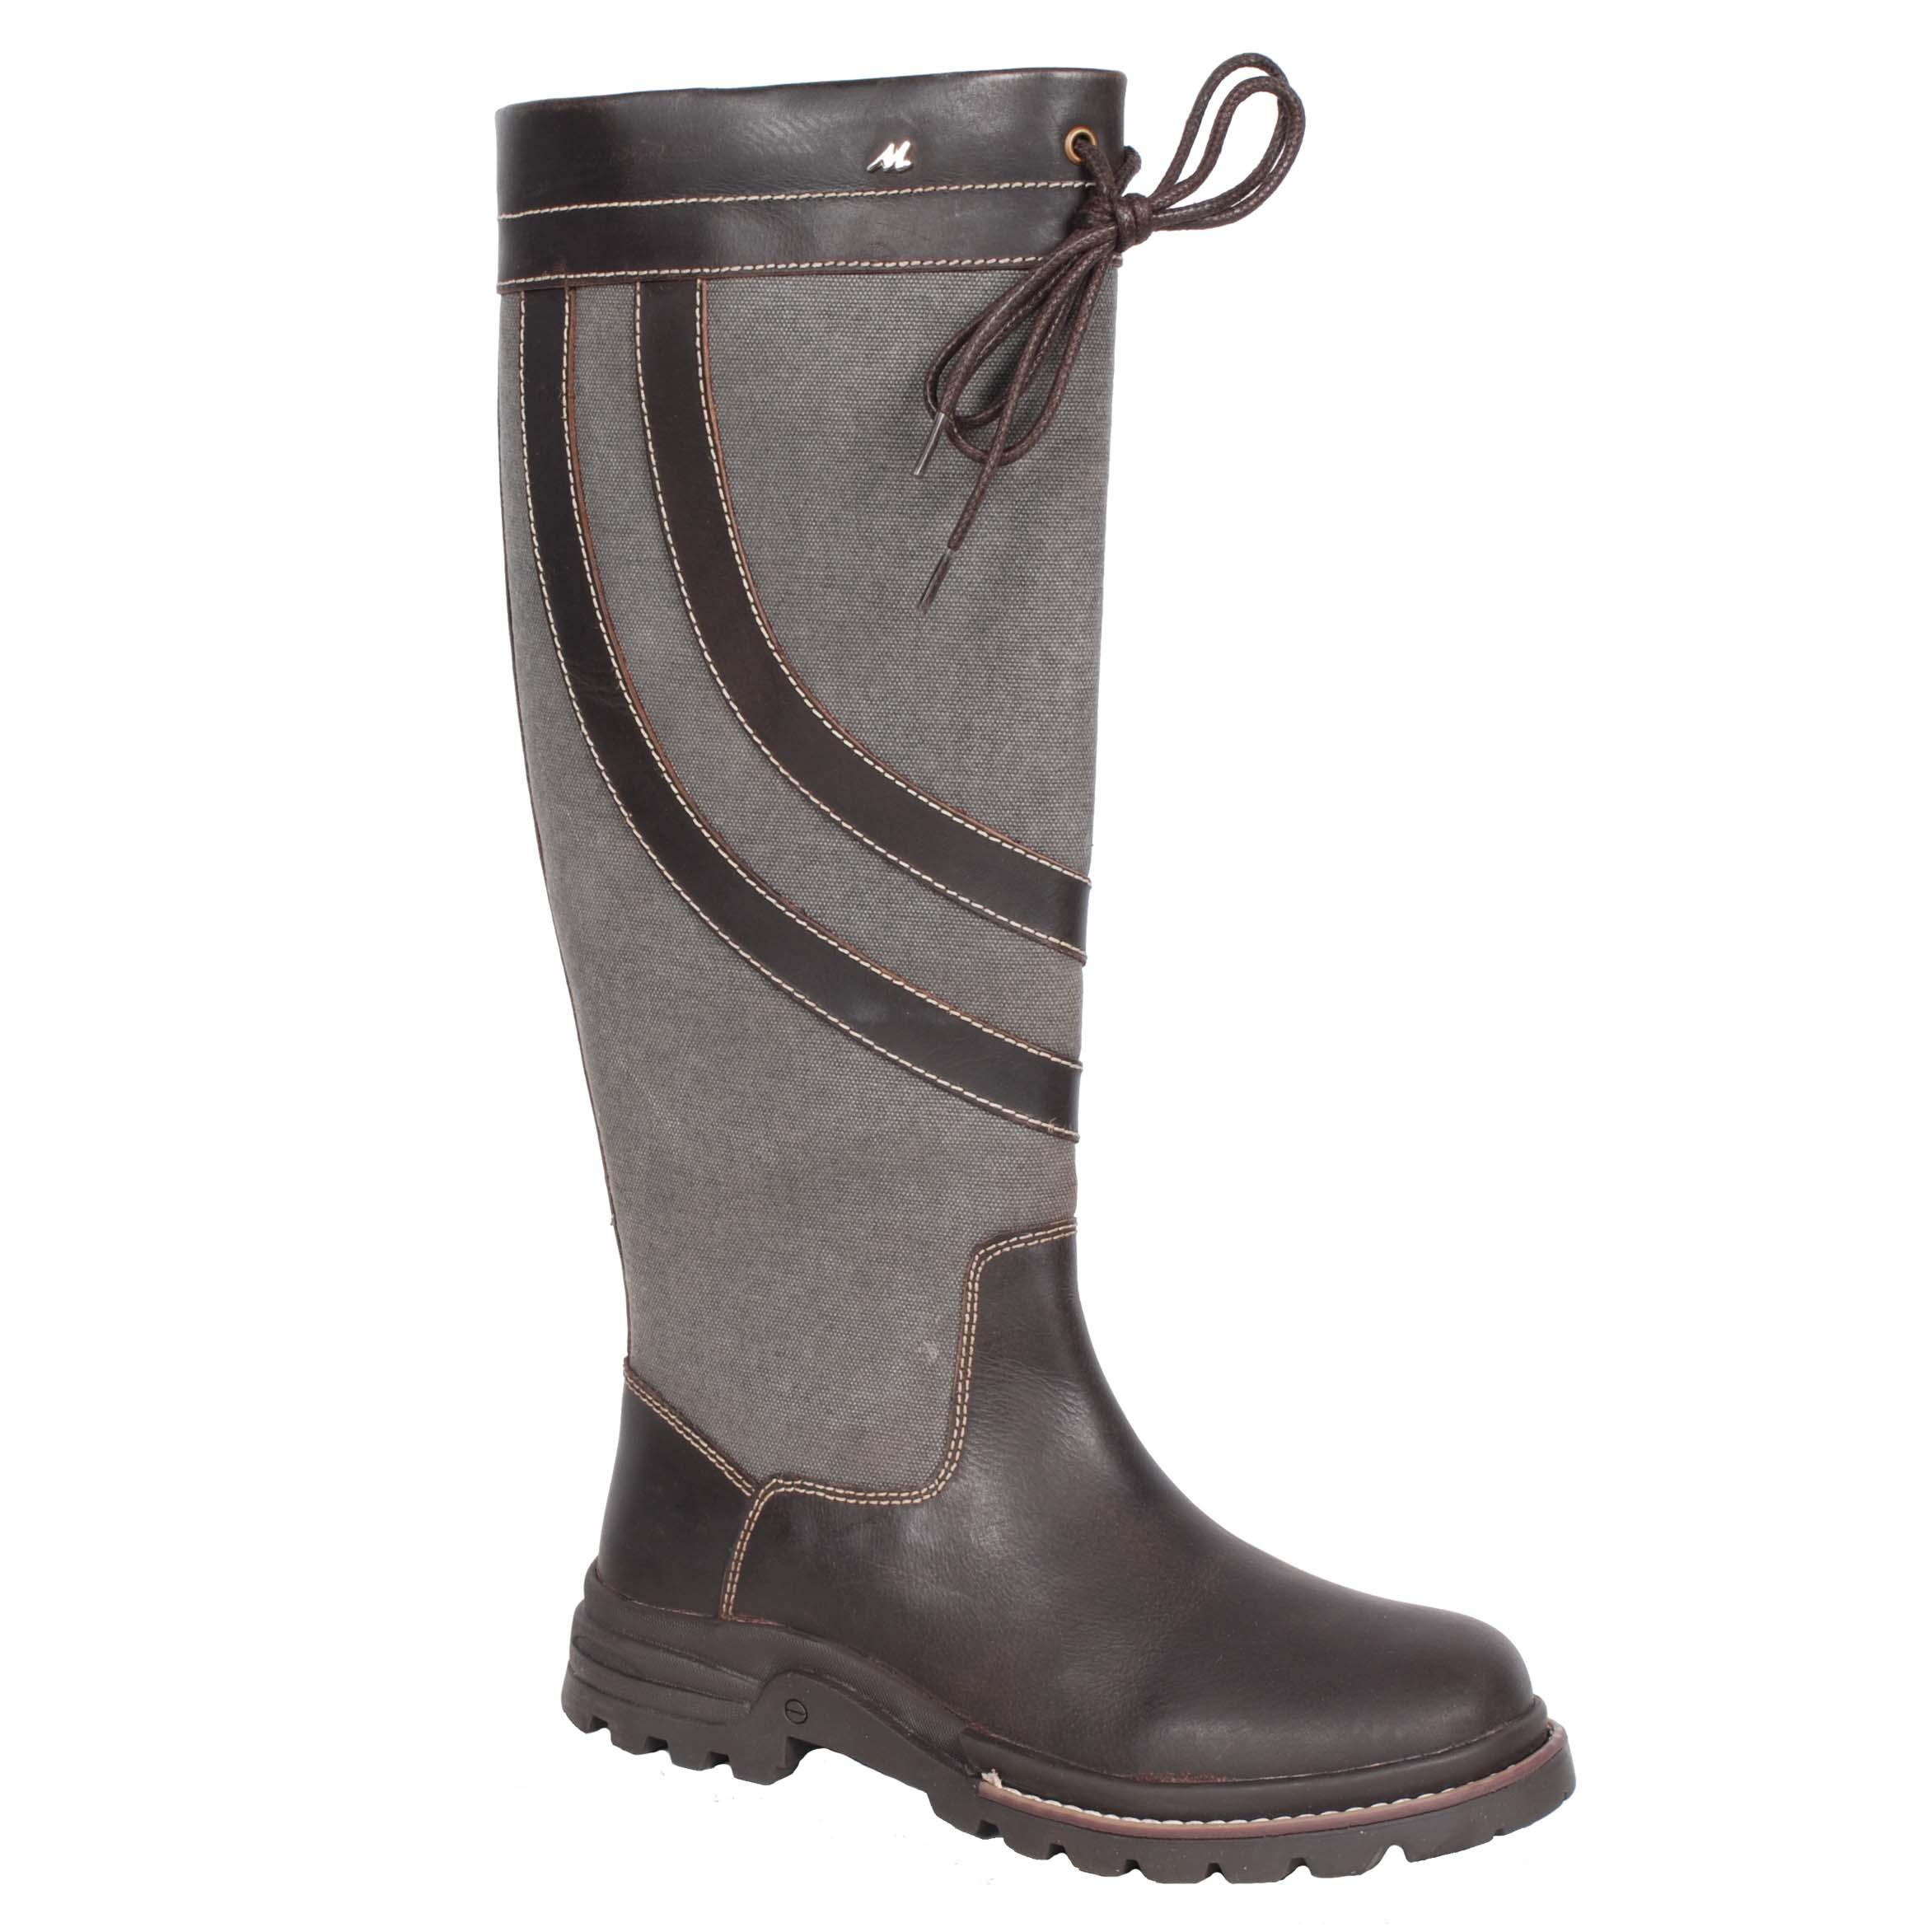 Mondoni Nordland outdoor laarzen bruin maat:37